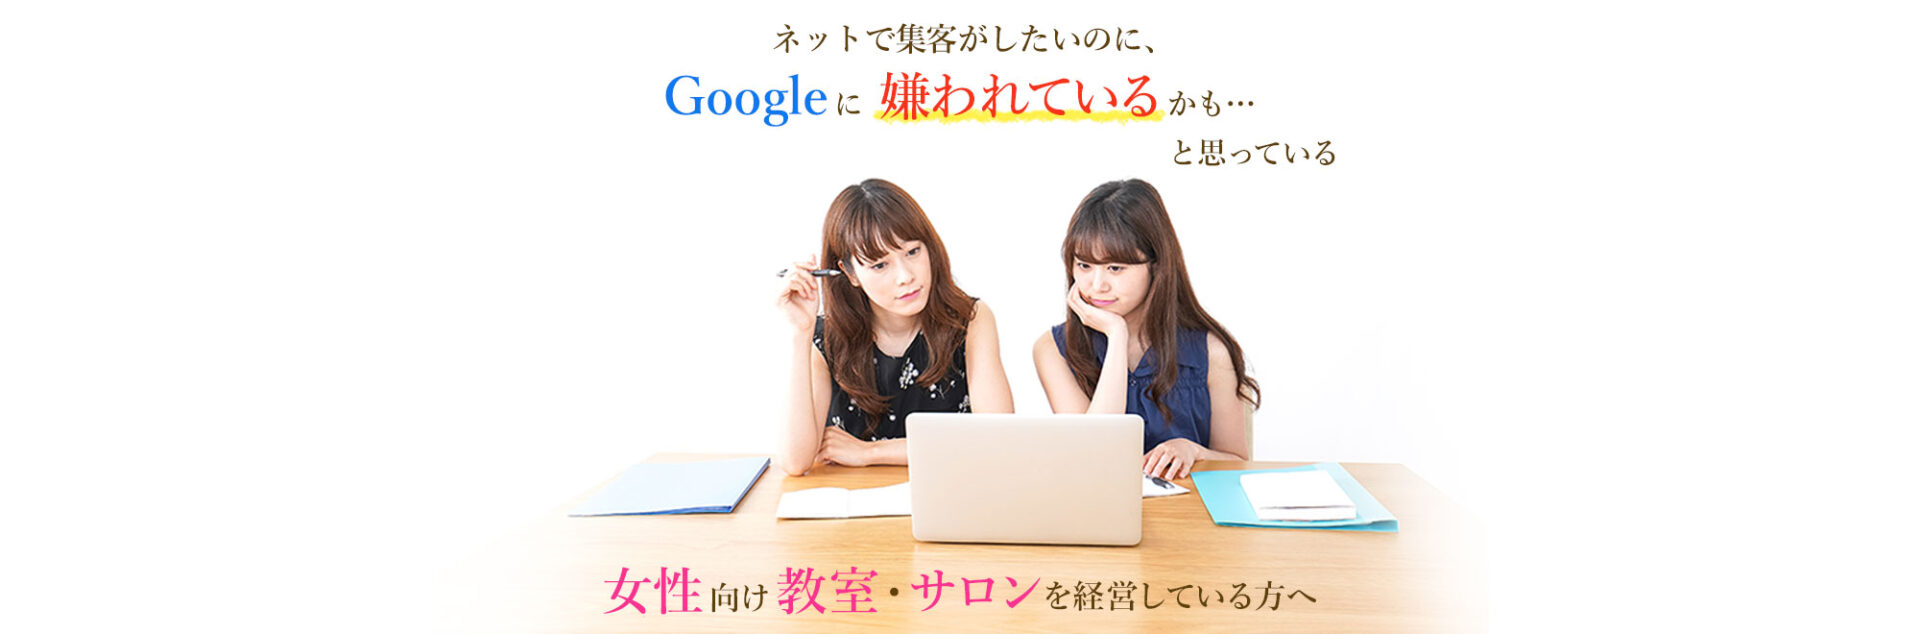 ネットで集客がしたいのに、 Googleに嫌われているかも… と思っている 女性向け教室・サロンを経営している方へ